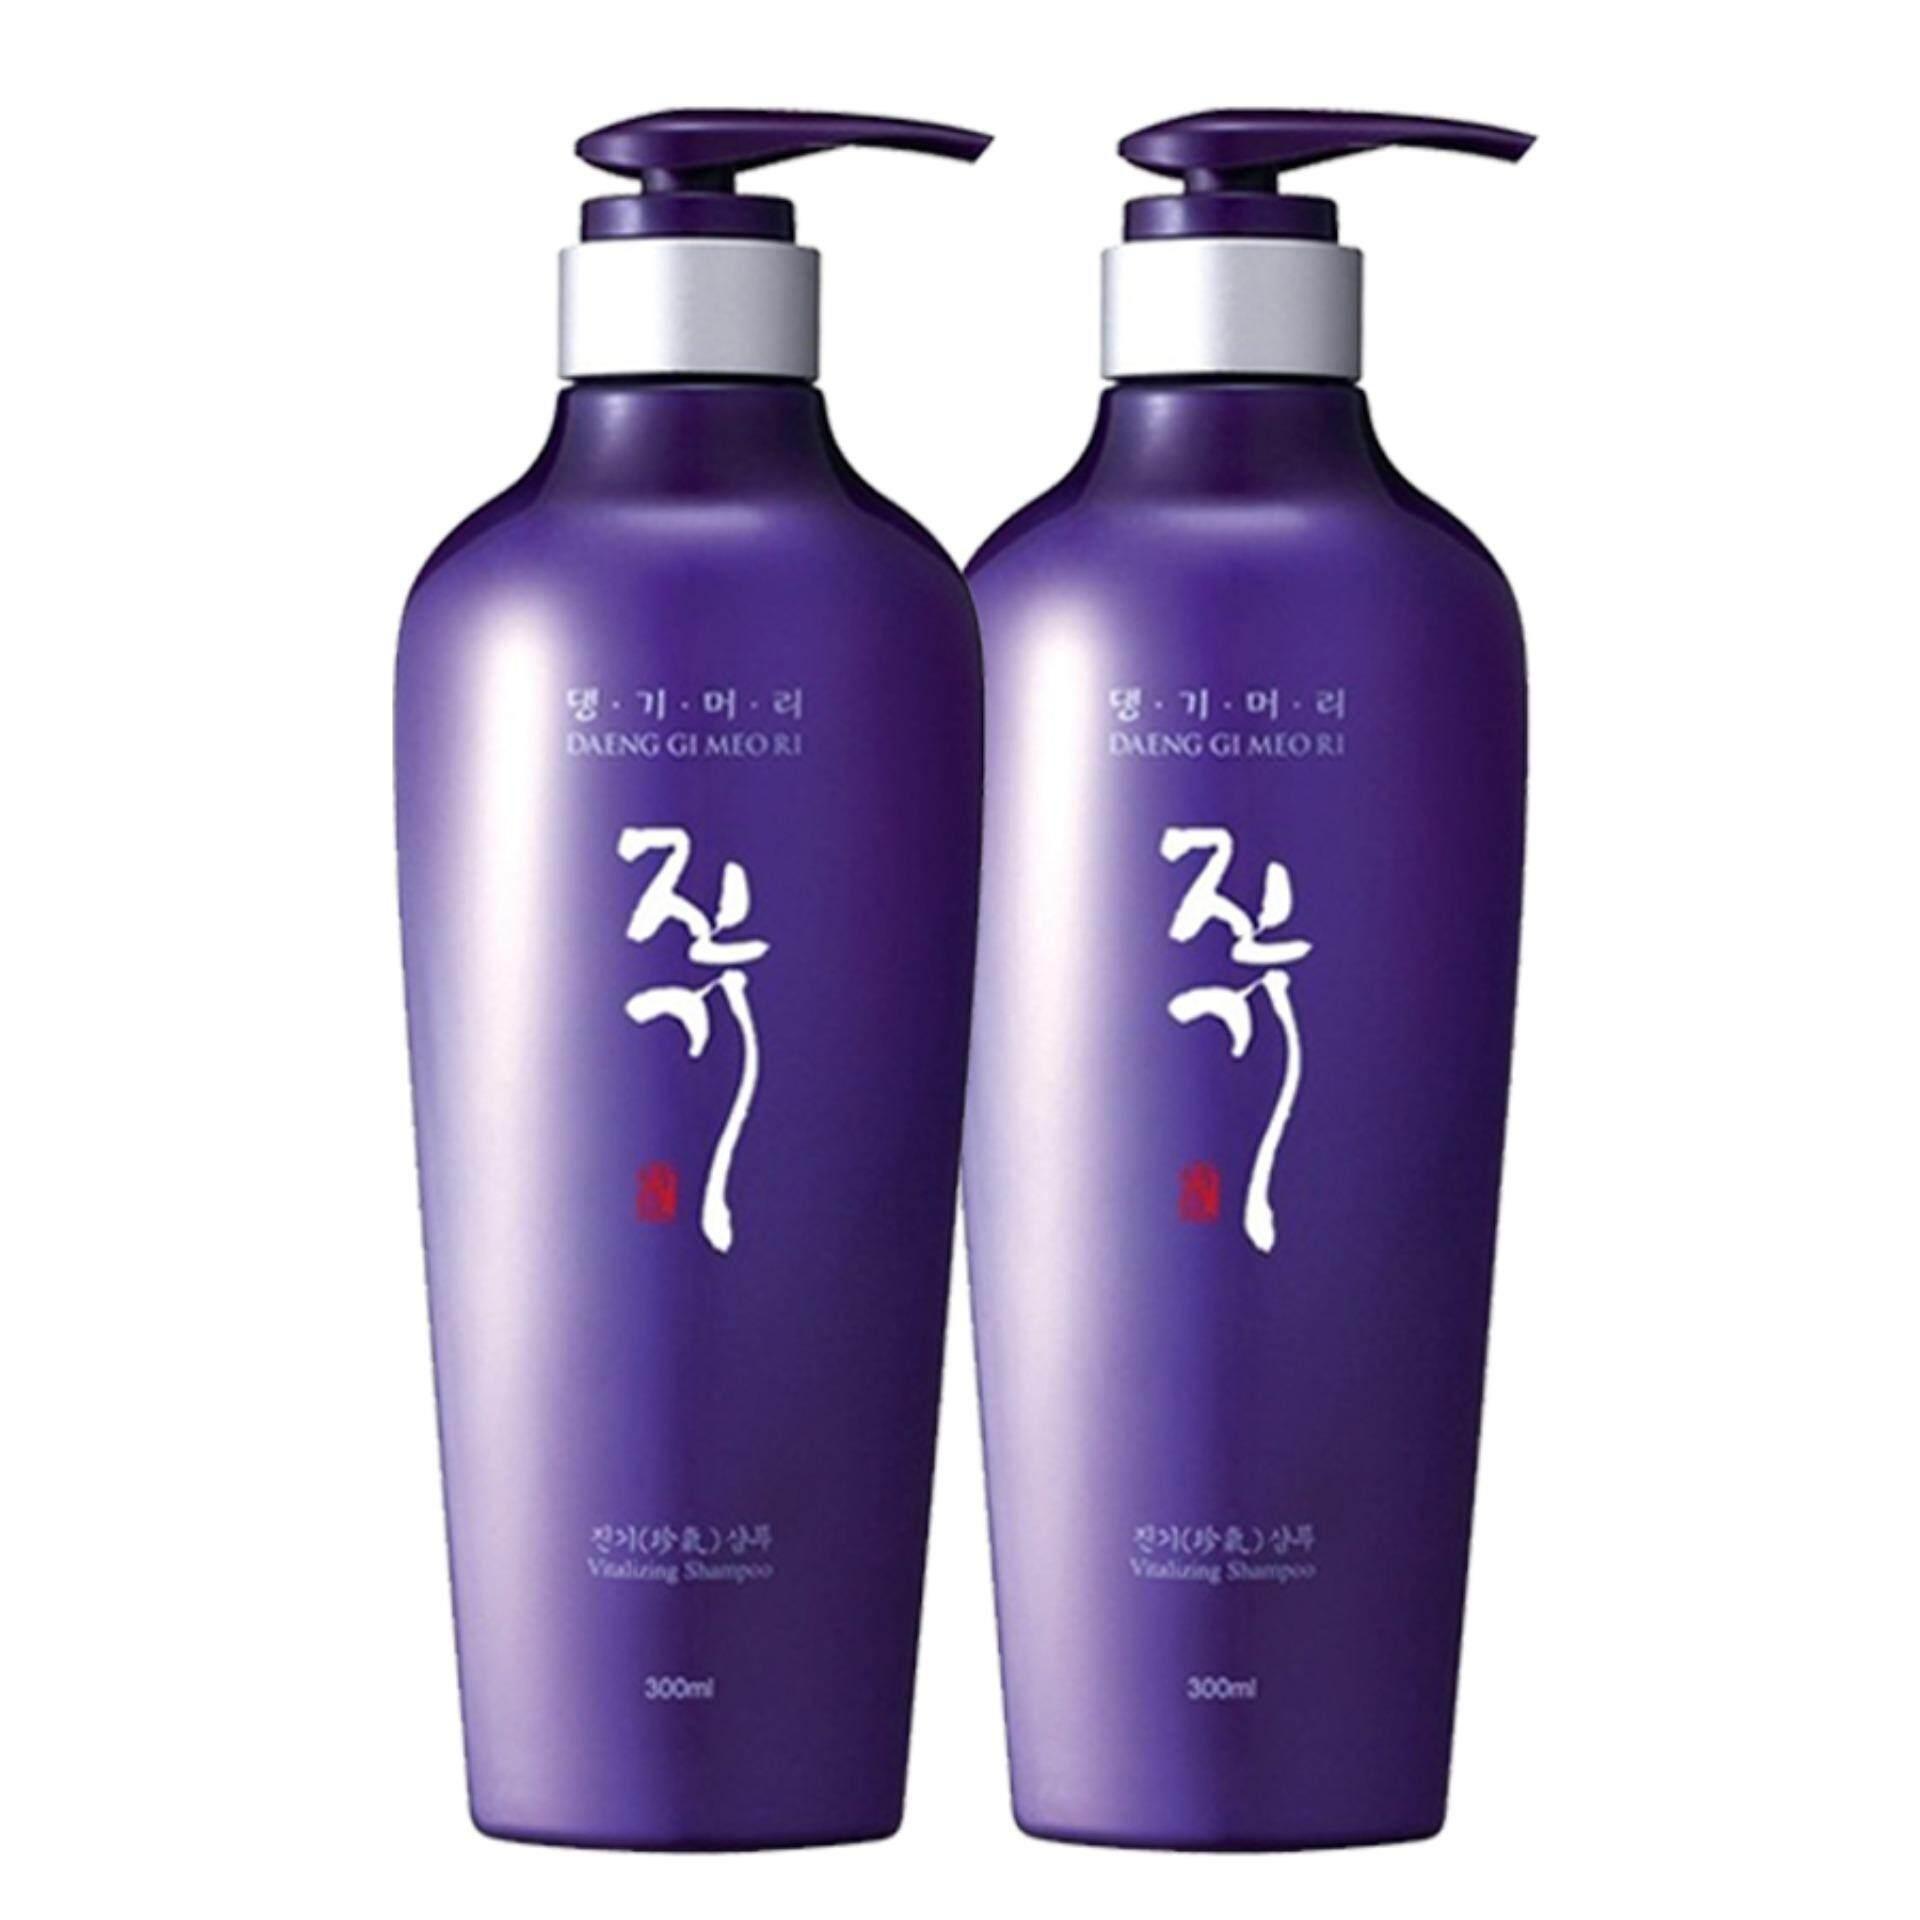 ขาย Daenggimeori Shampoo แทงกิโมริ แชมพูเกาหลี 300 Ml 2 ขวด ผู้ค้าส่ง